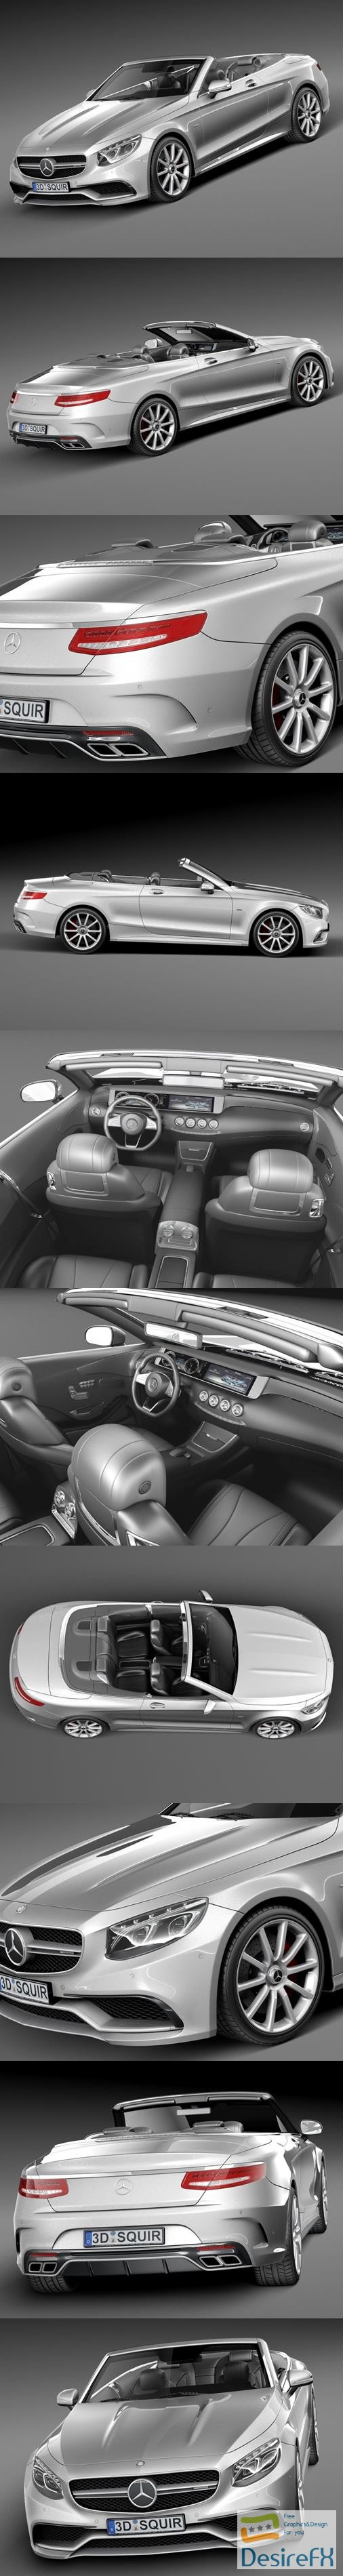 3d-models - Mercedes-Benz S63 AMG Cabriolet 2017 3D Model